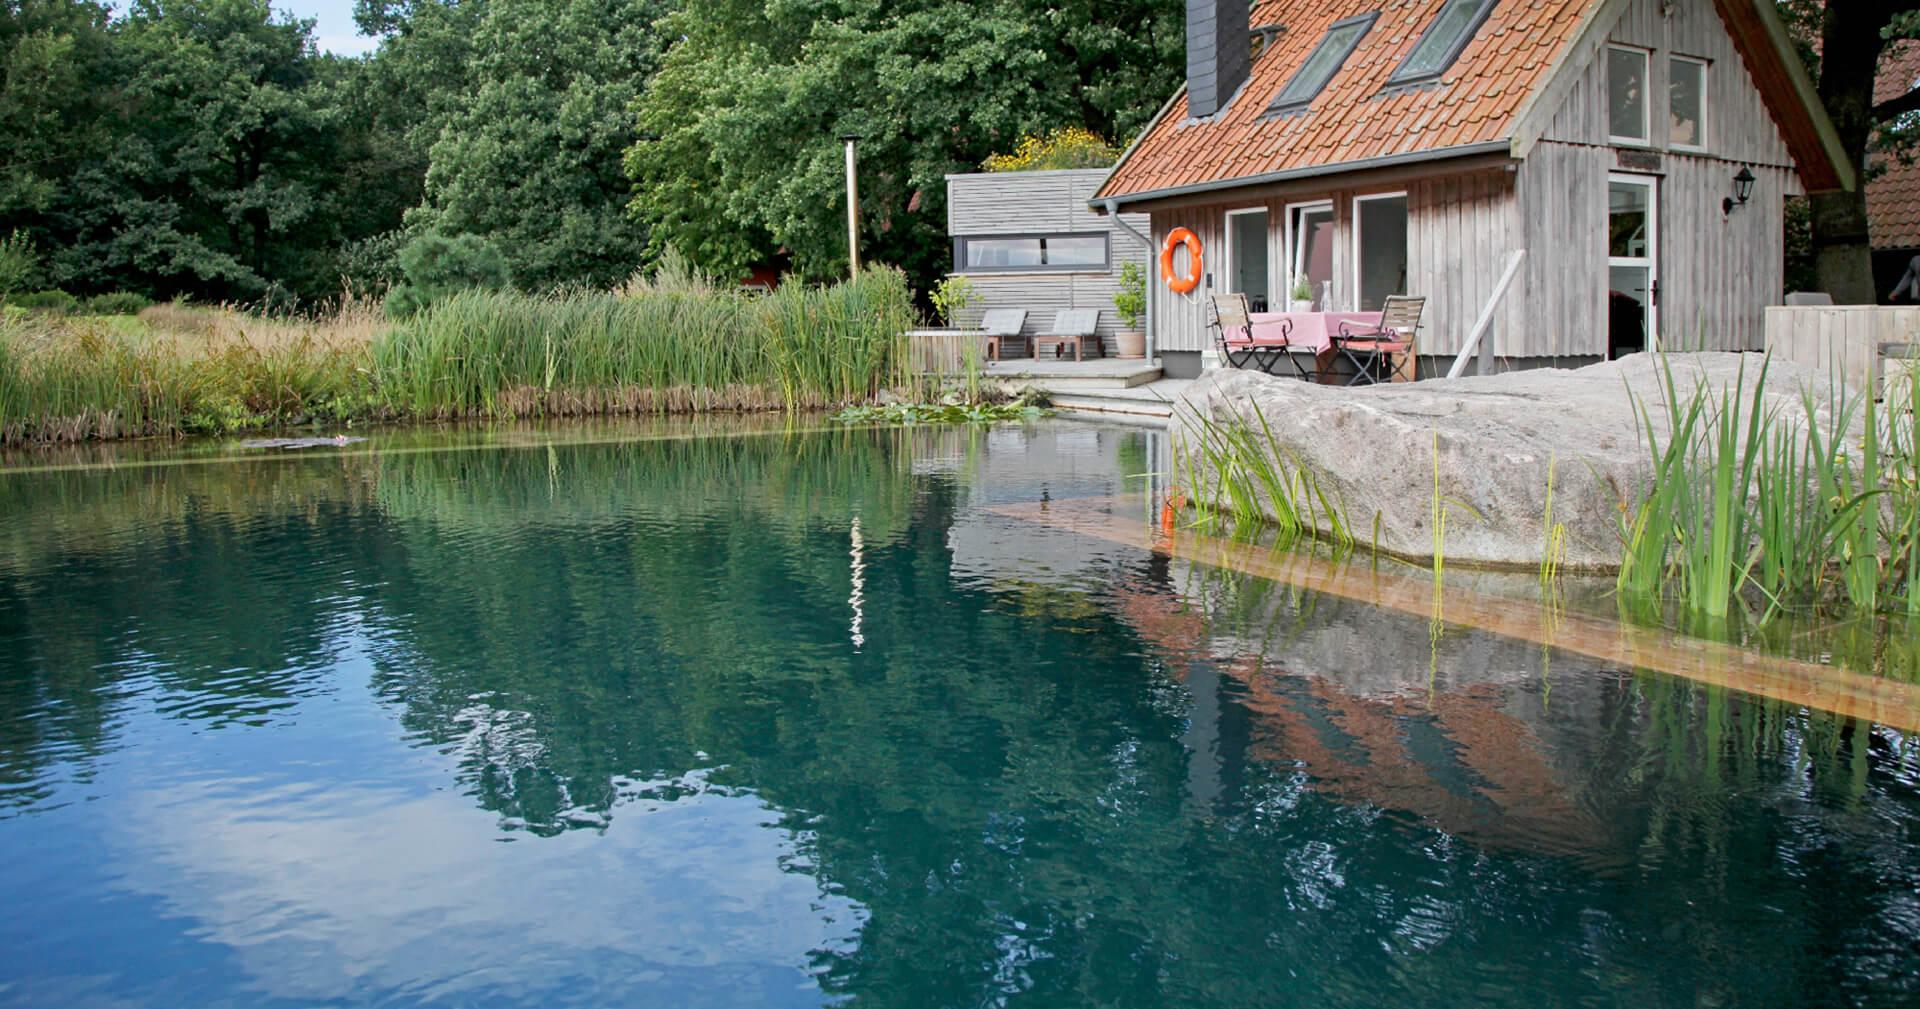 Zwemvijver met een houten hut in de natuur